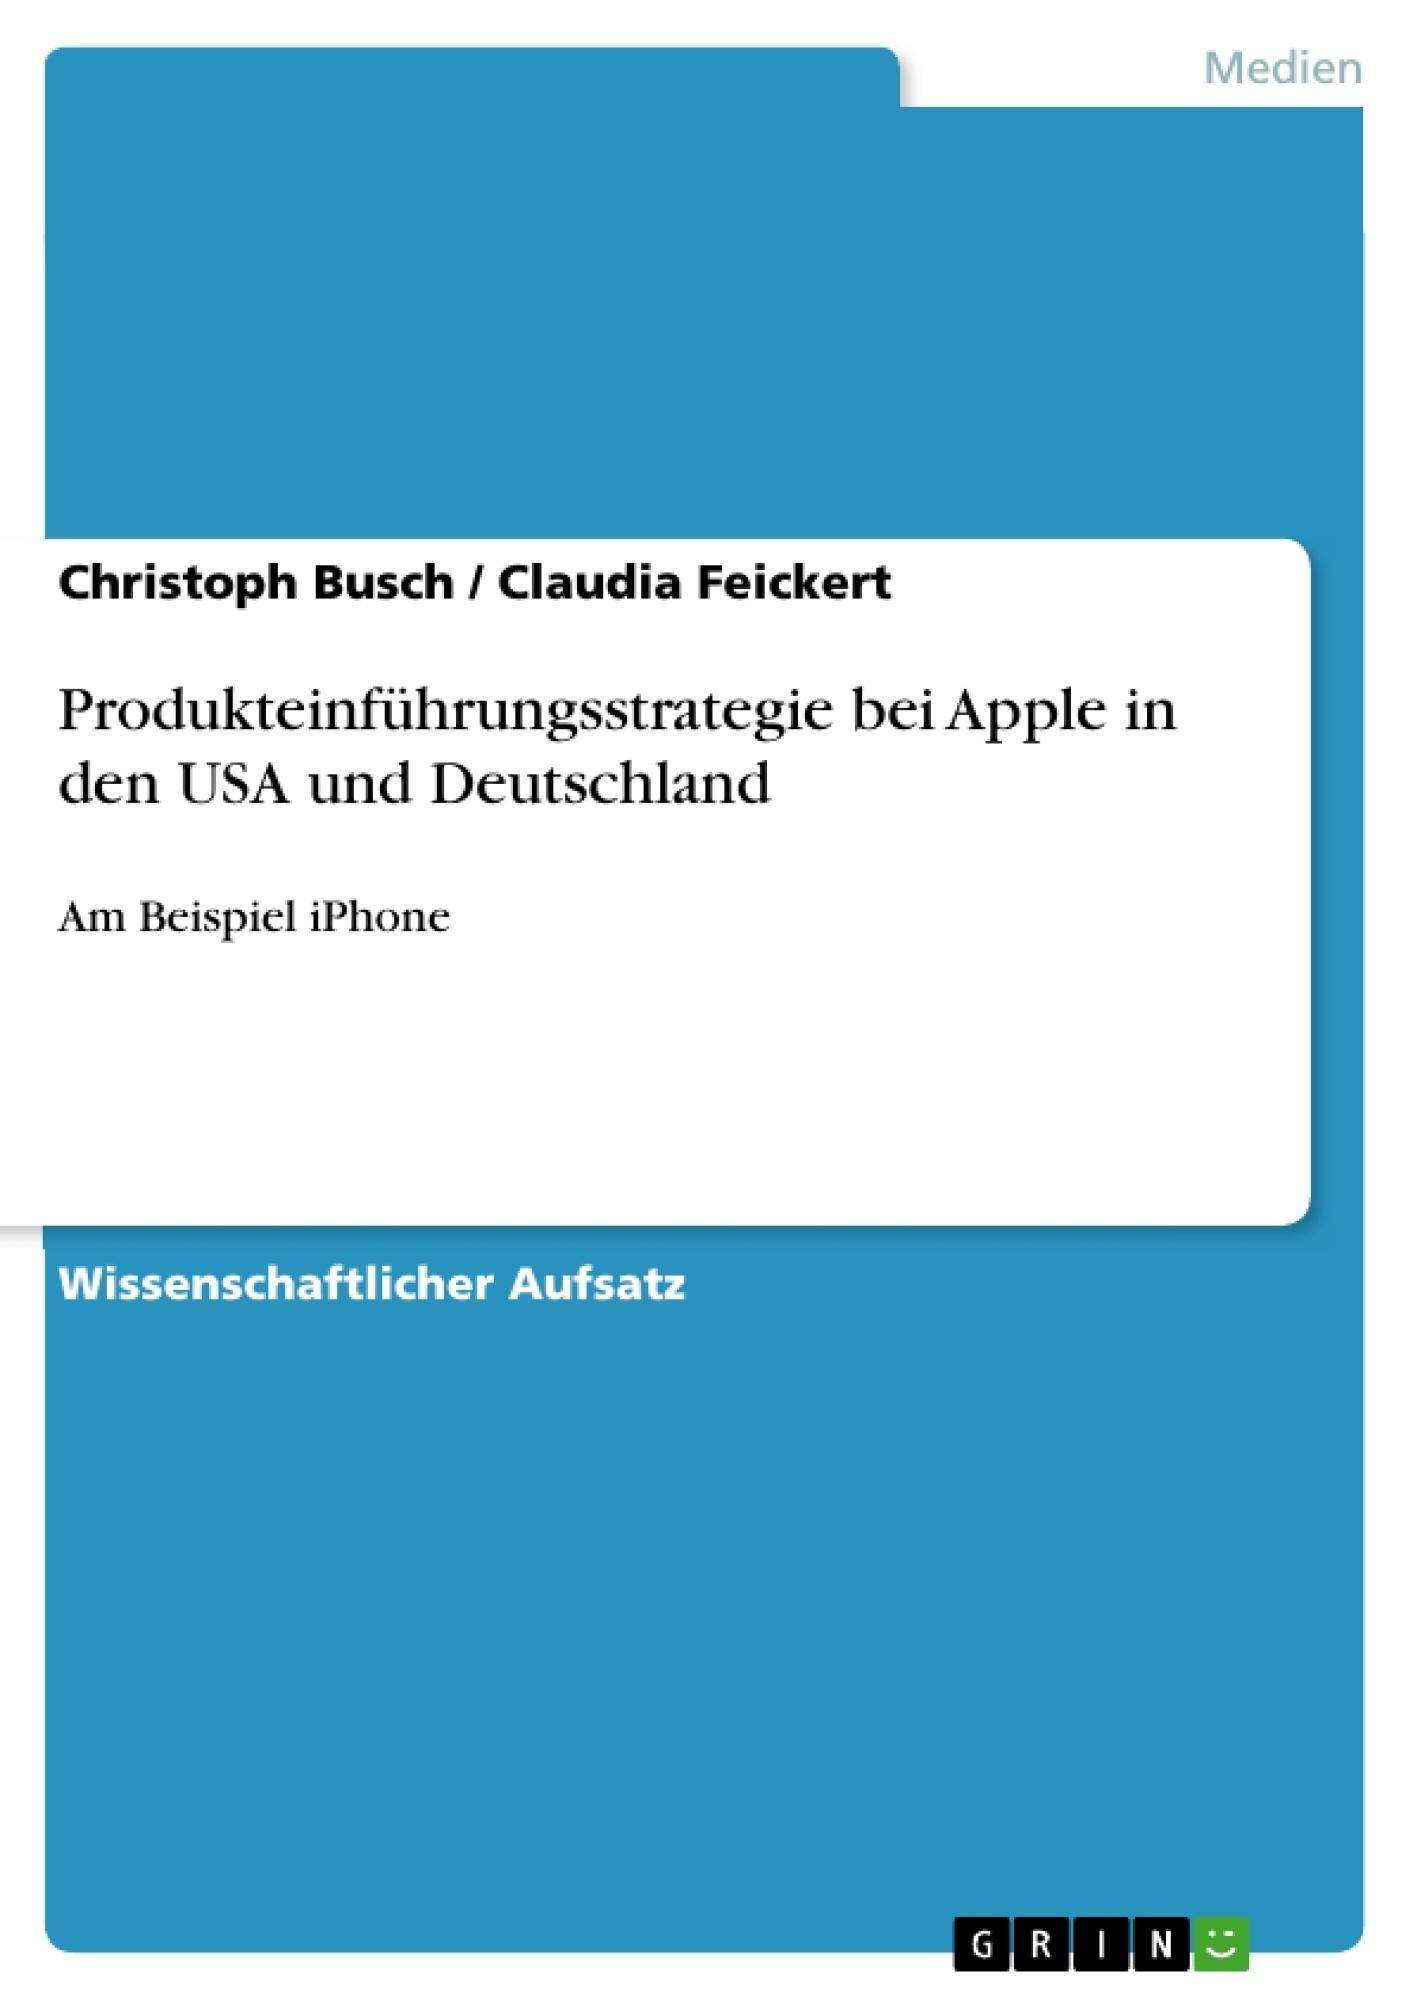 Titel: Produkteinführungsstrategie bei Apple  in den USA und Deutschland